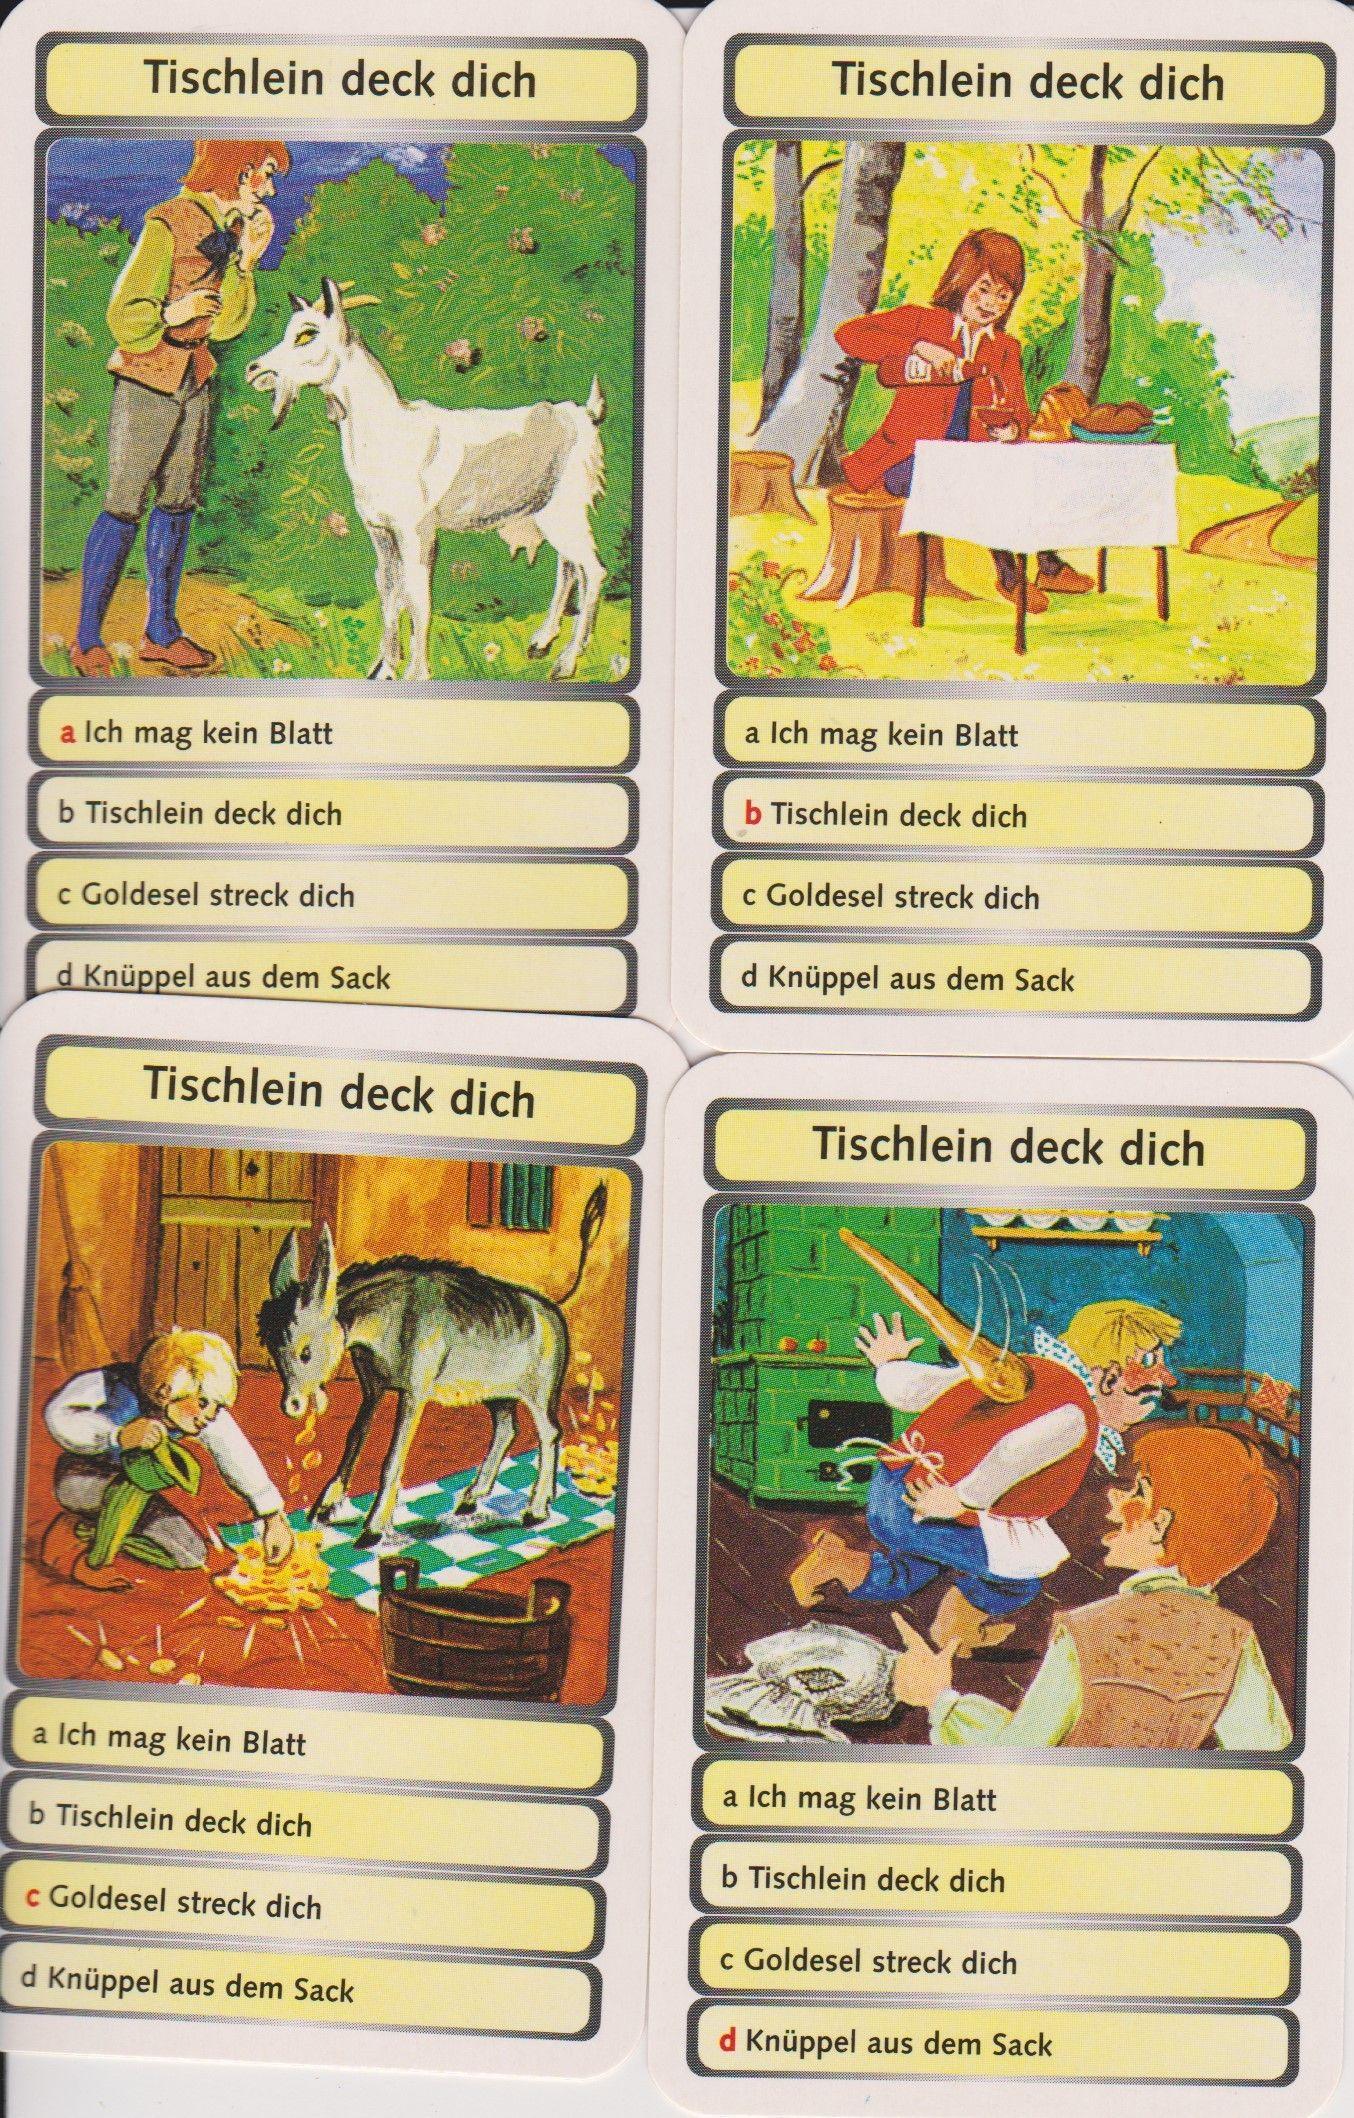 Pin Von Marchenballaden Und Andere Buc Auf Marchen Fairy Tales Contes De Fees Bajki Cuentos De Hadas Tischlein Deck Dich Marchen Marchen Basteln Tischdecke